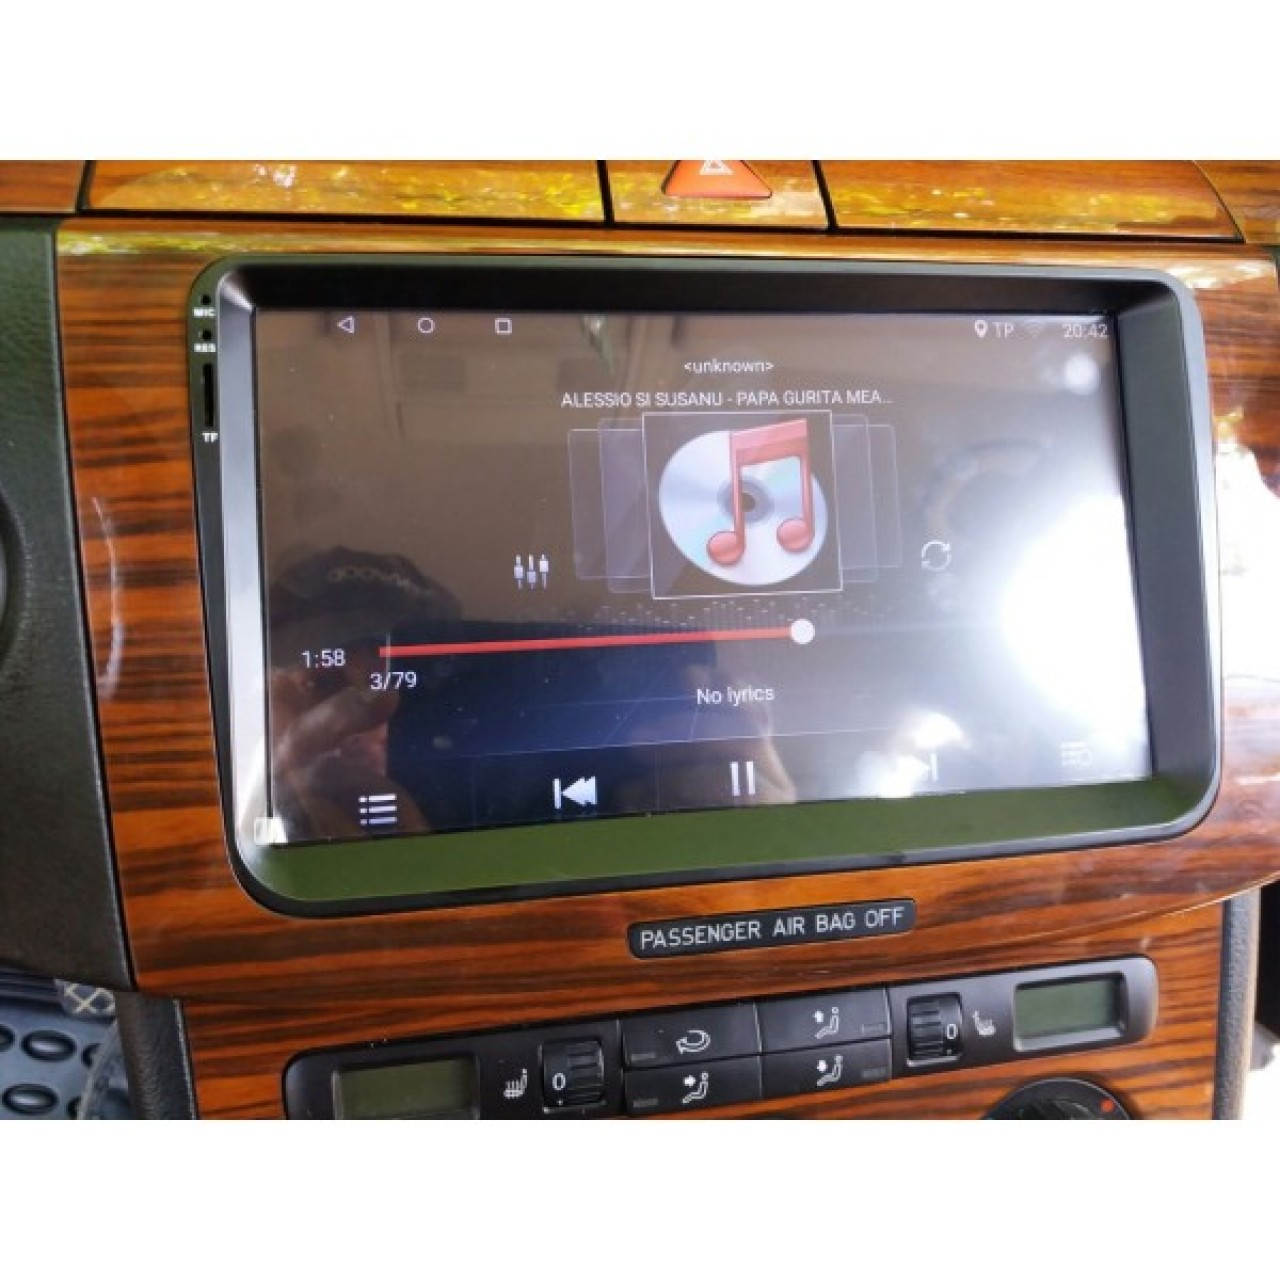 NAVIGATIE CARPAD ANDROID 7.1.2 DEDICATA VW PASSAT B7 NAVD E305 ECRAN 9'' CAPACITIV 16GB INTERNET